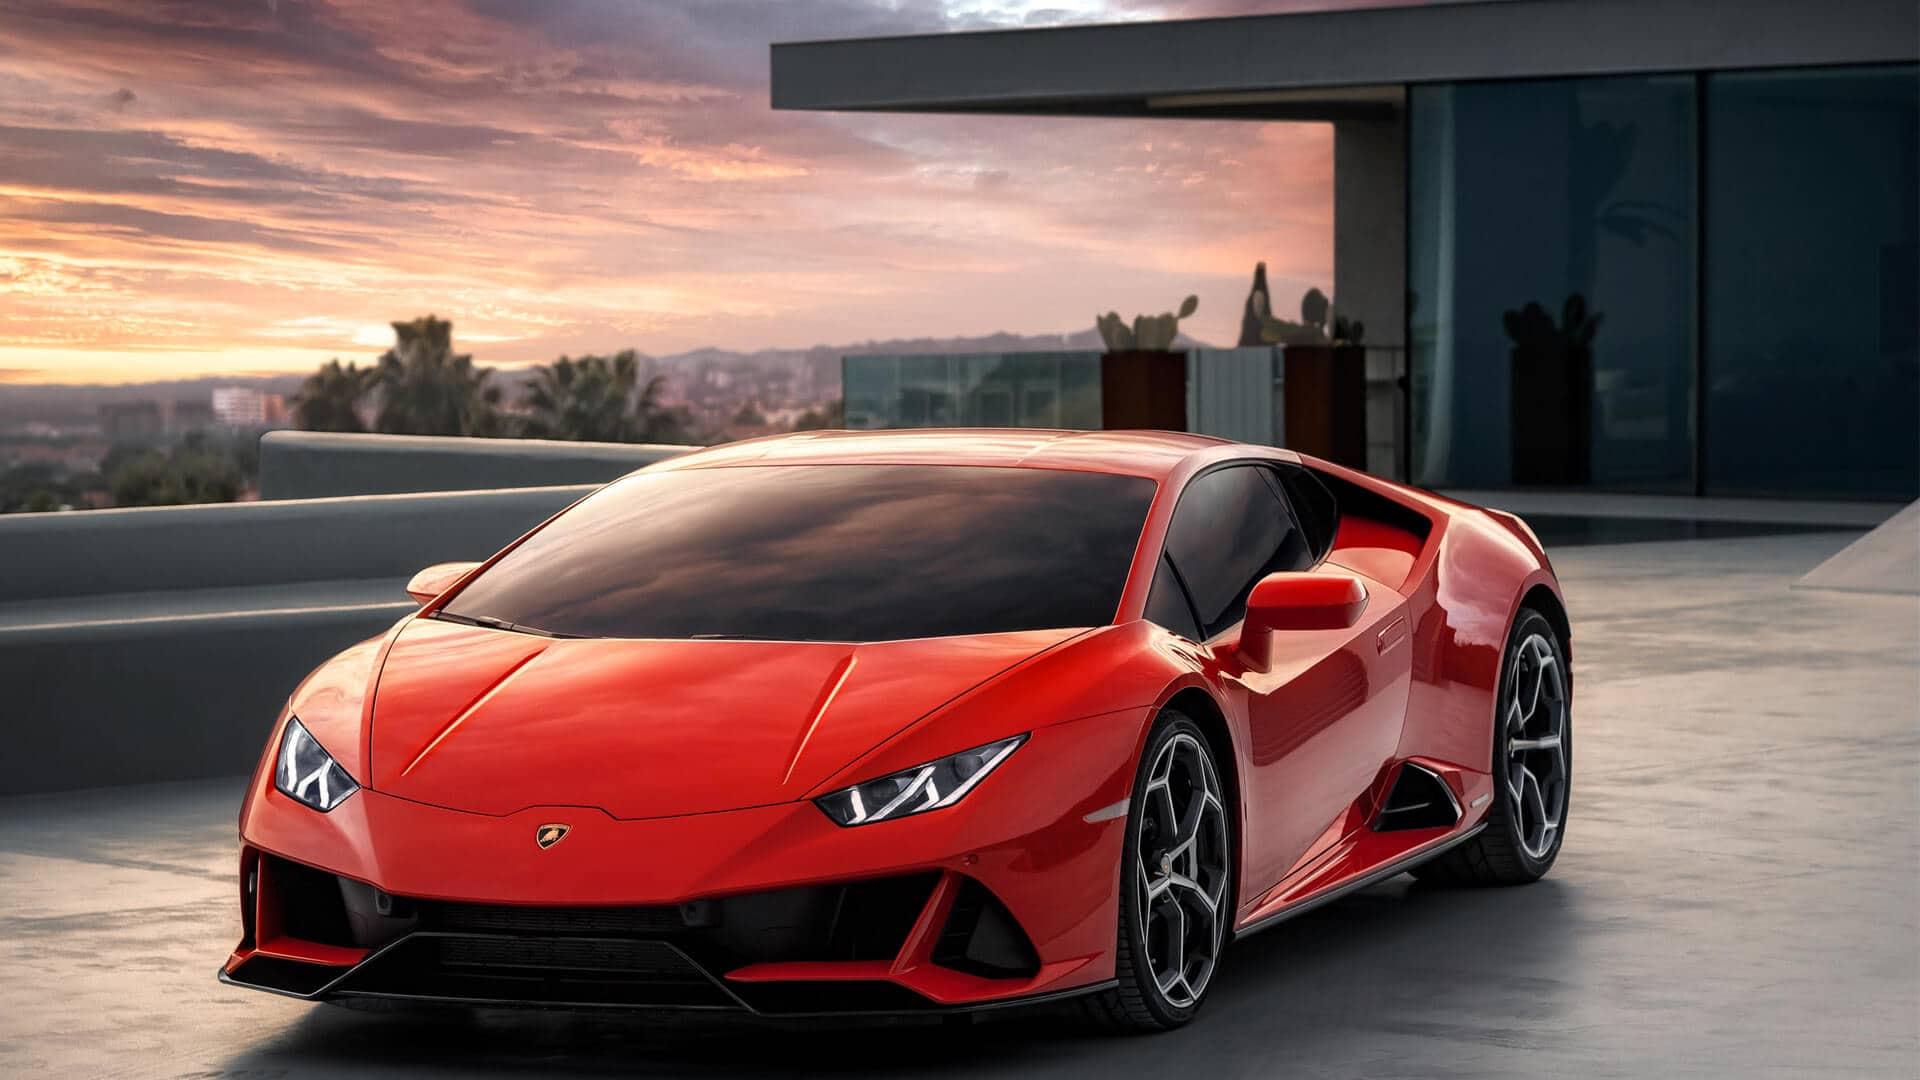 Lamborghini Huracan Evo Suguhkan Sistem Aerodinamis Terbaru ...